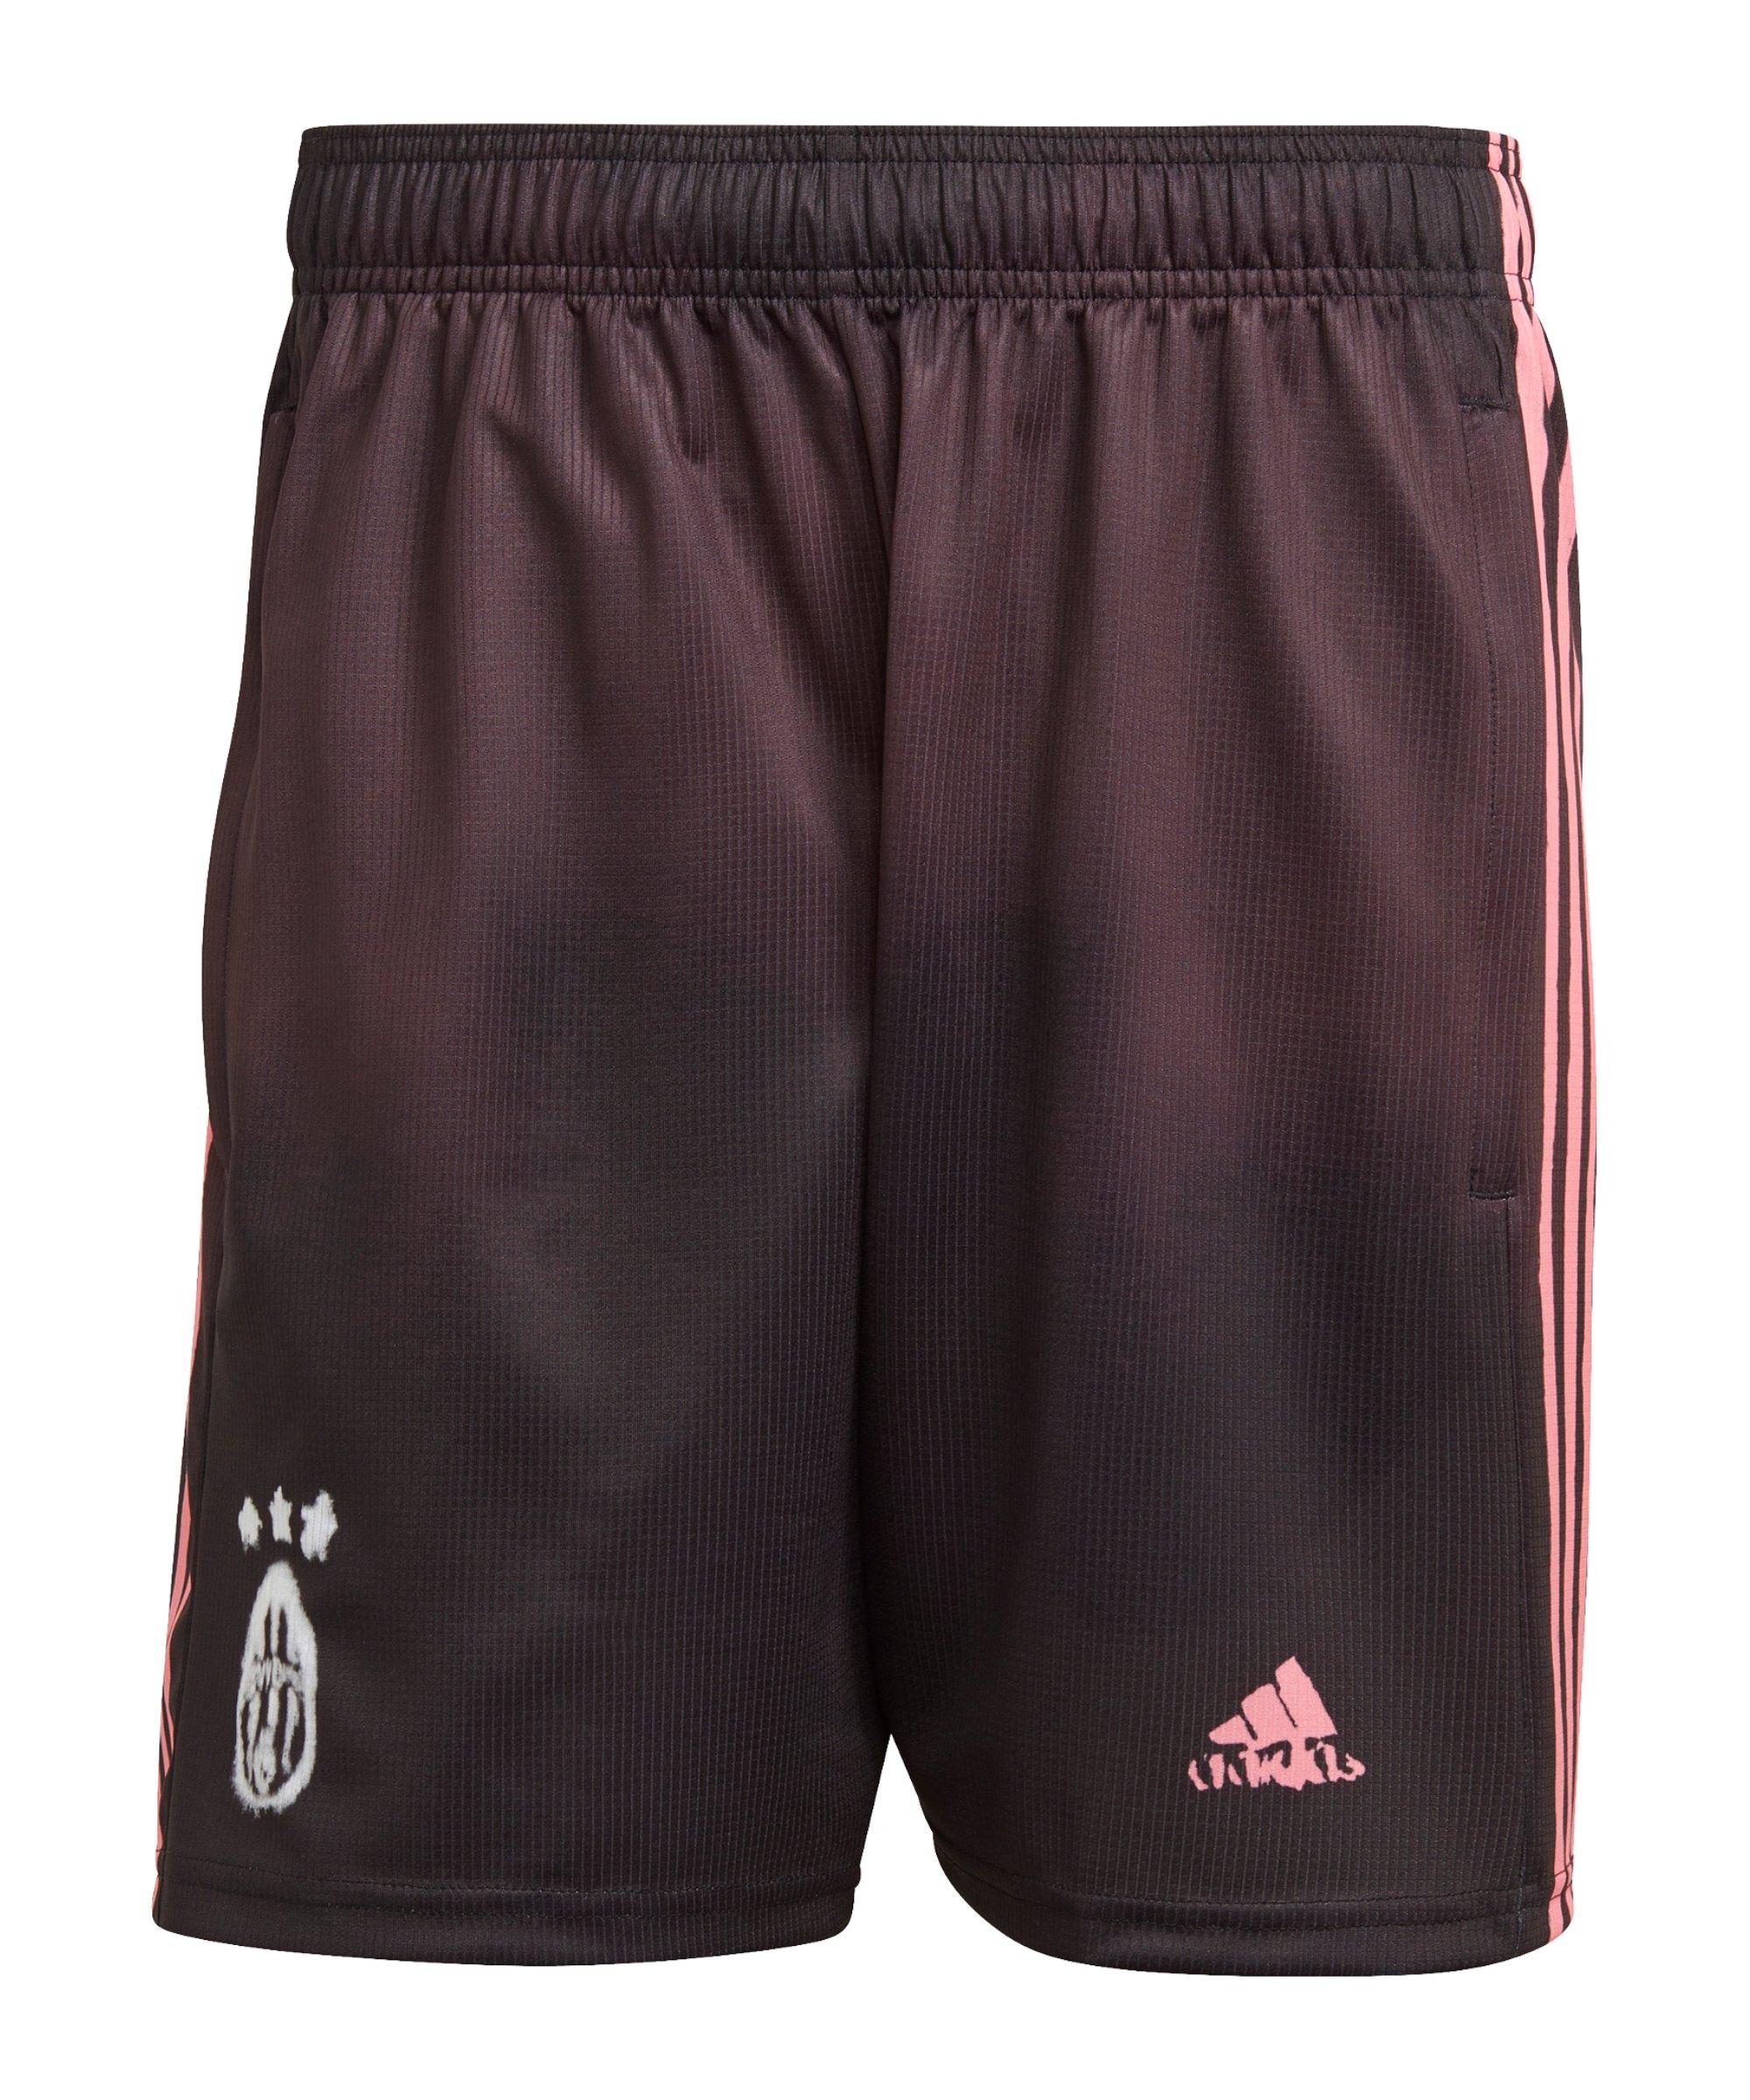 adidas Juventus Turin HR Short Schwarz Pink - schwarz